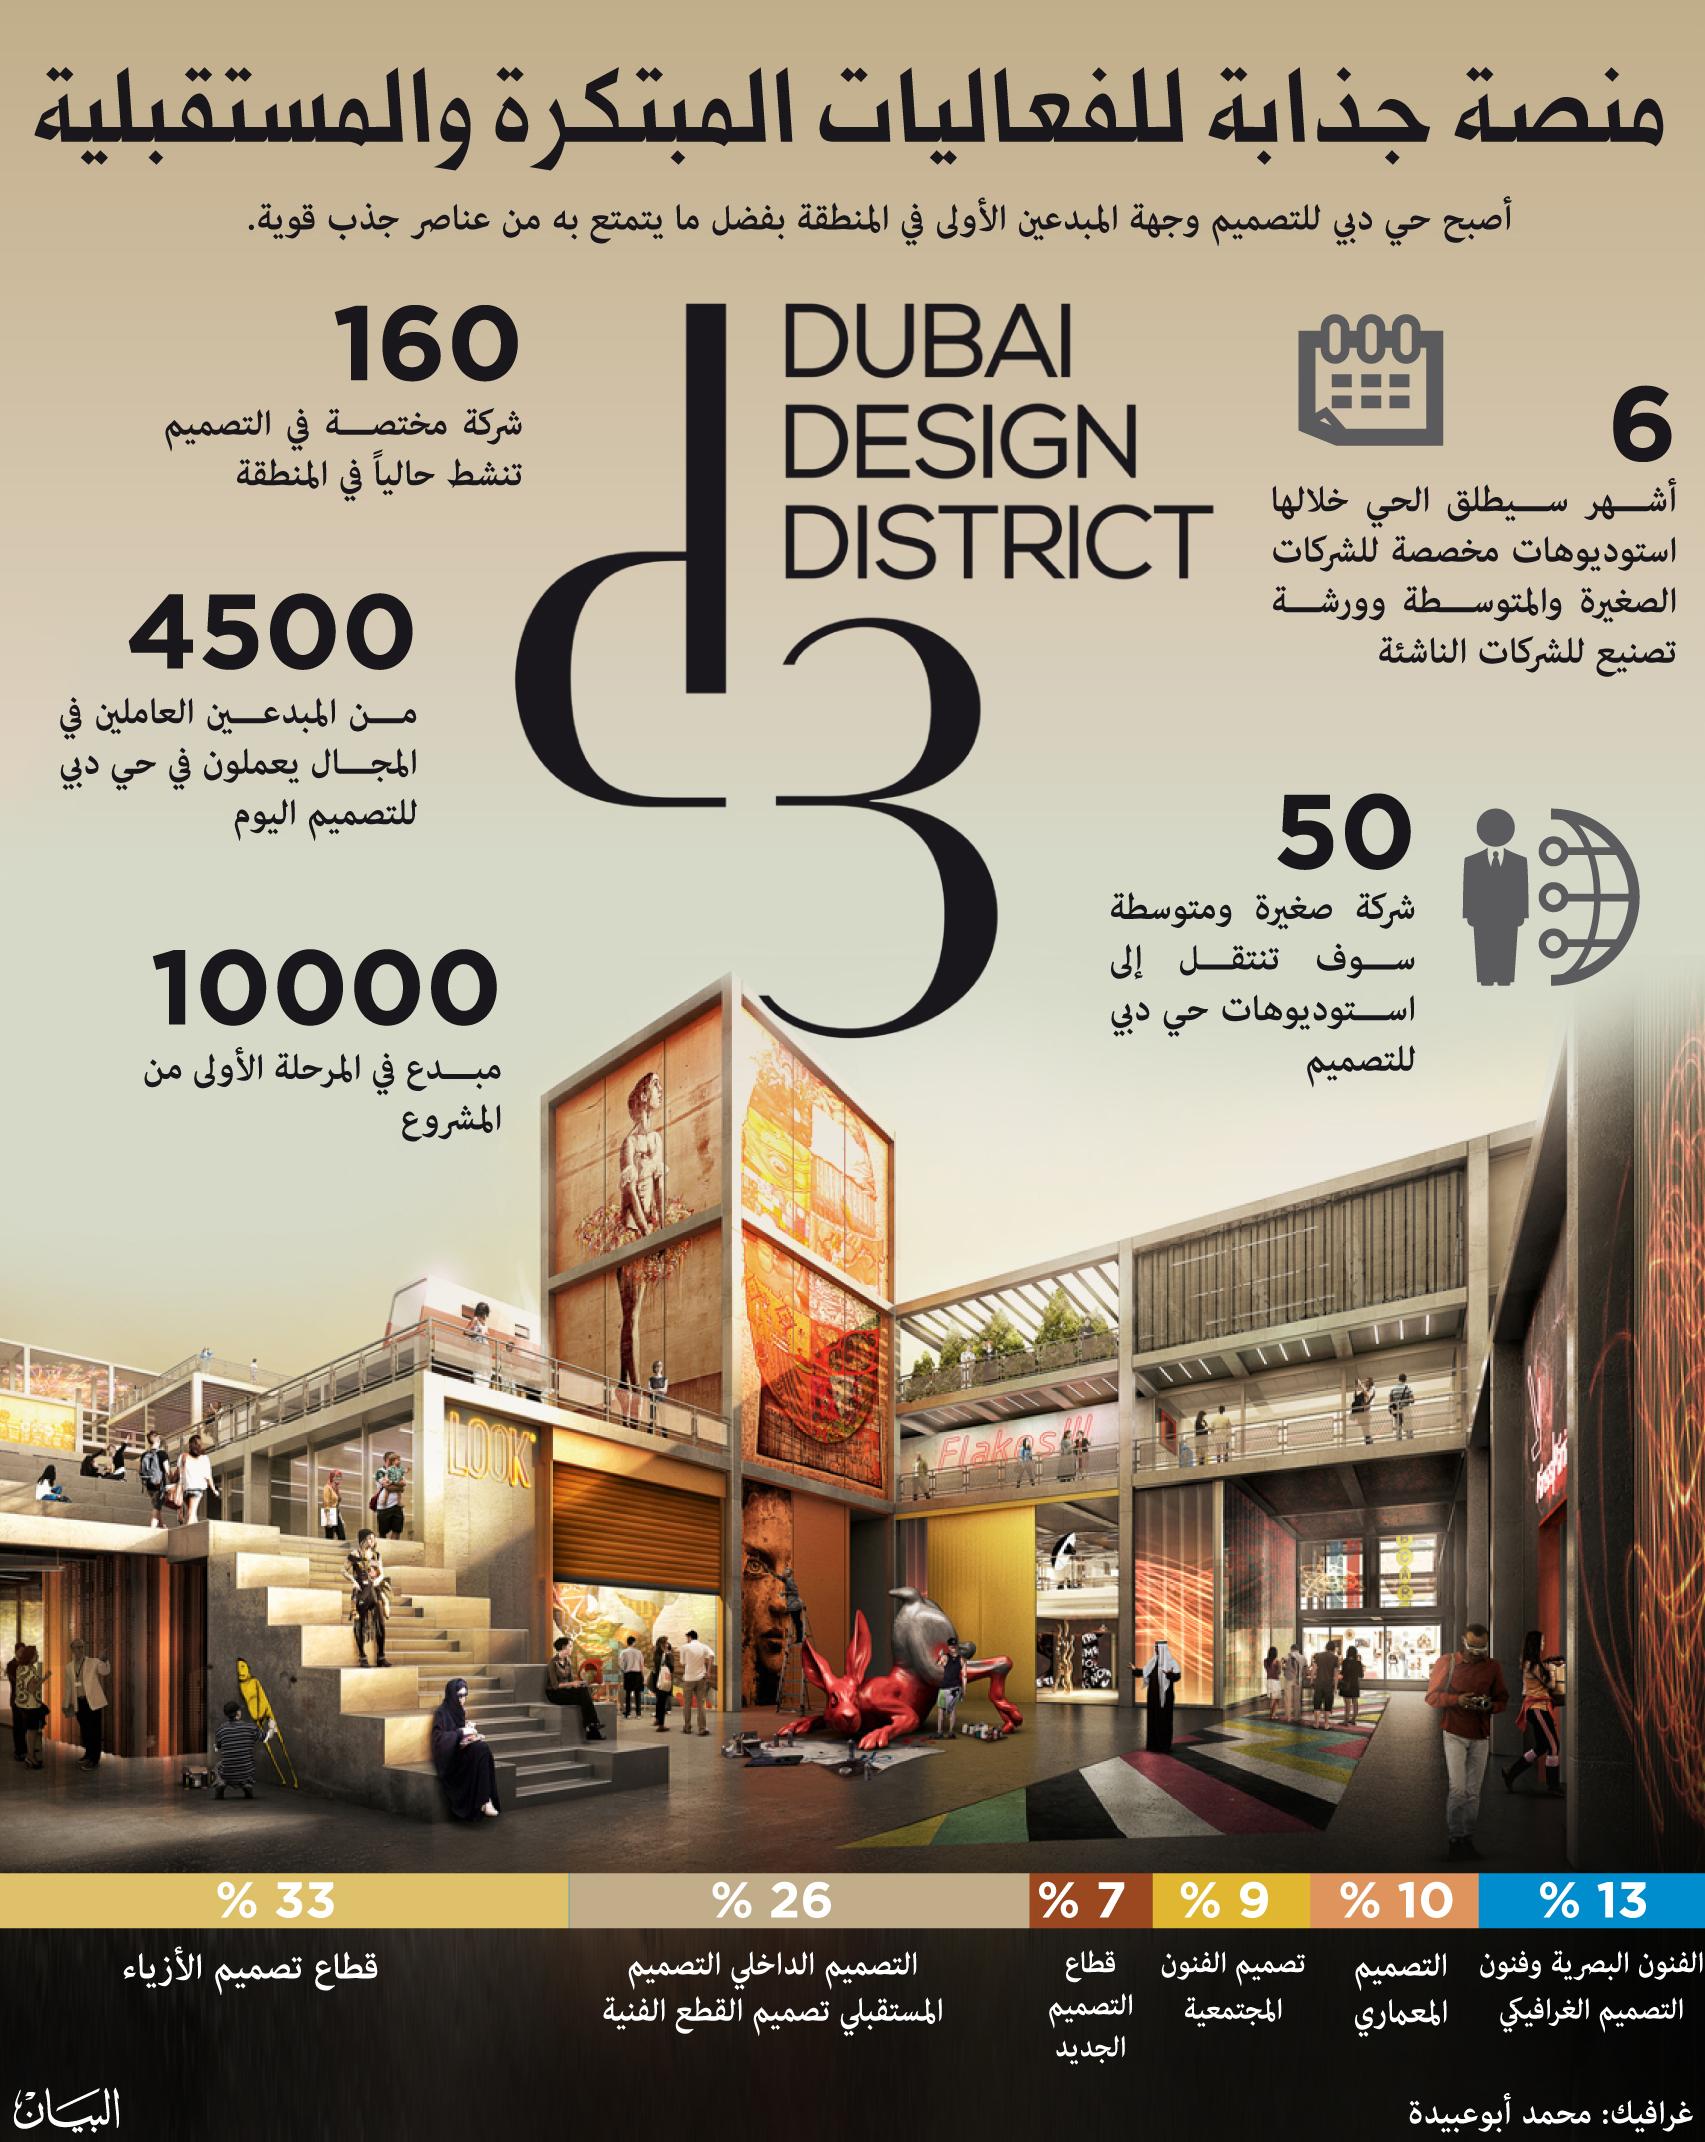 a56b9ad6a أعلن حي دبي للتصميم (d3) وجهة المبدعين الأولى في المنطقة، العضو في مجموعة  تيكوم، عن ارتفاع نسبة الإشغال في الحي إلى 85%، ما يعد دليلاً على تلبية الحي  ...